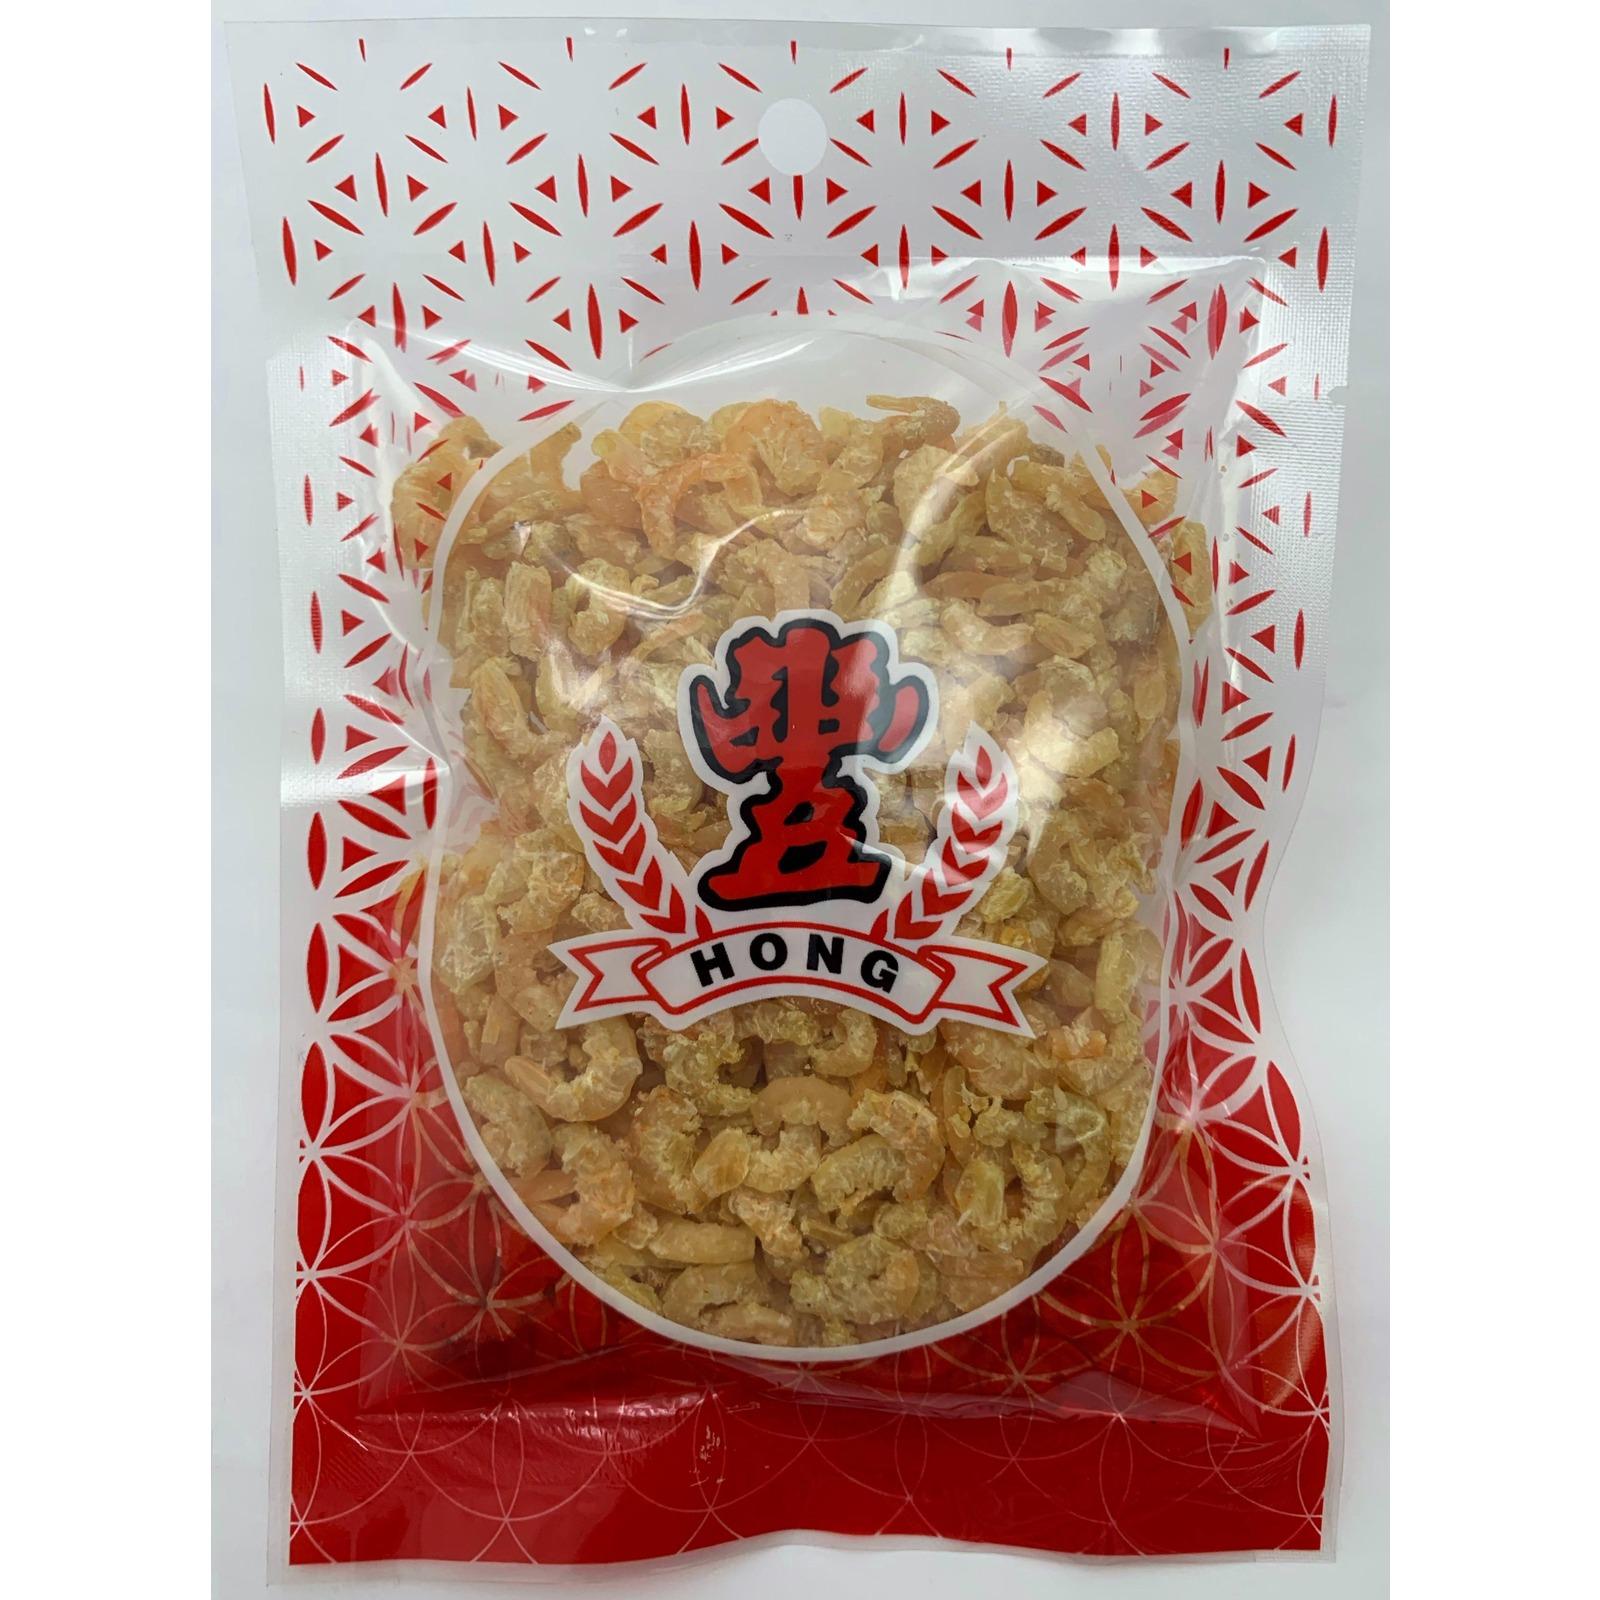 HONG Dried Prawn 100g